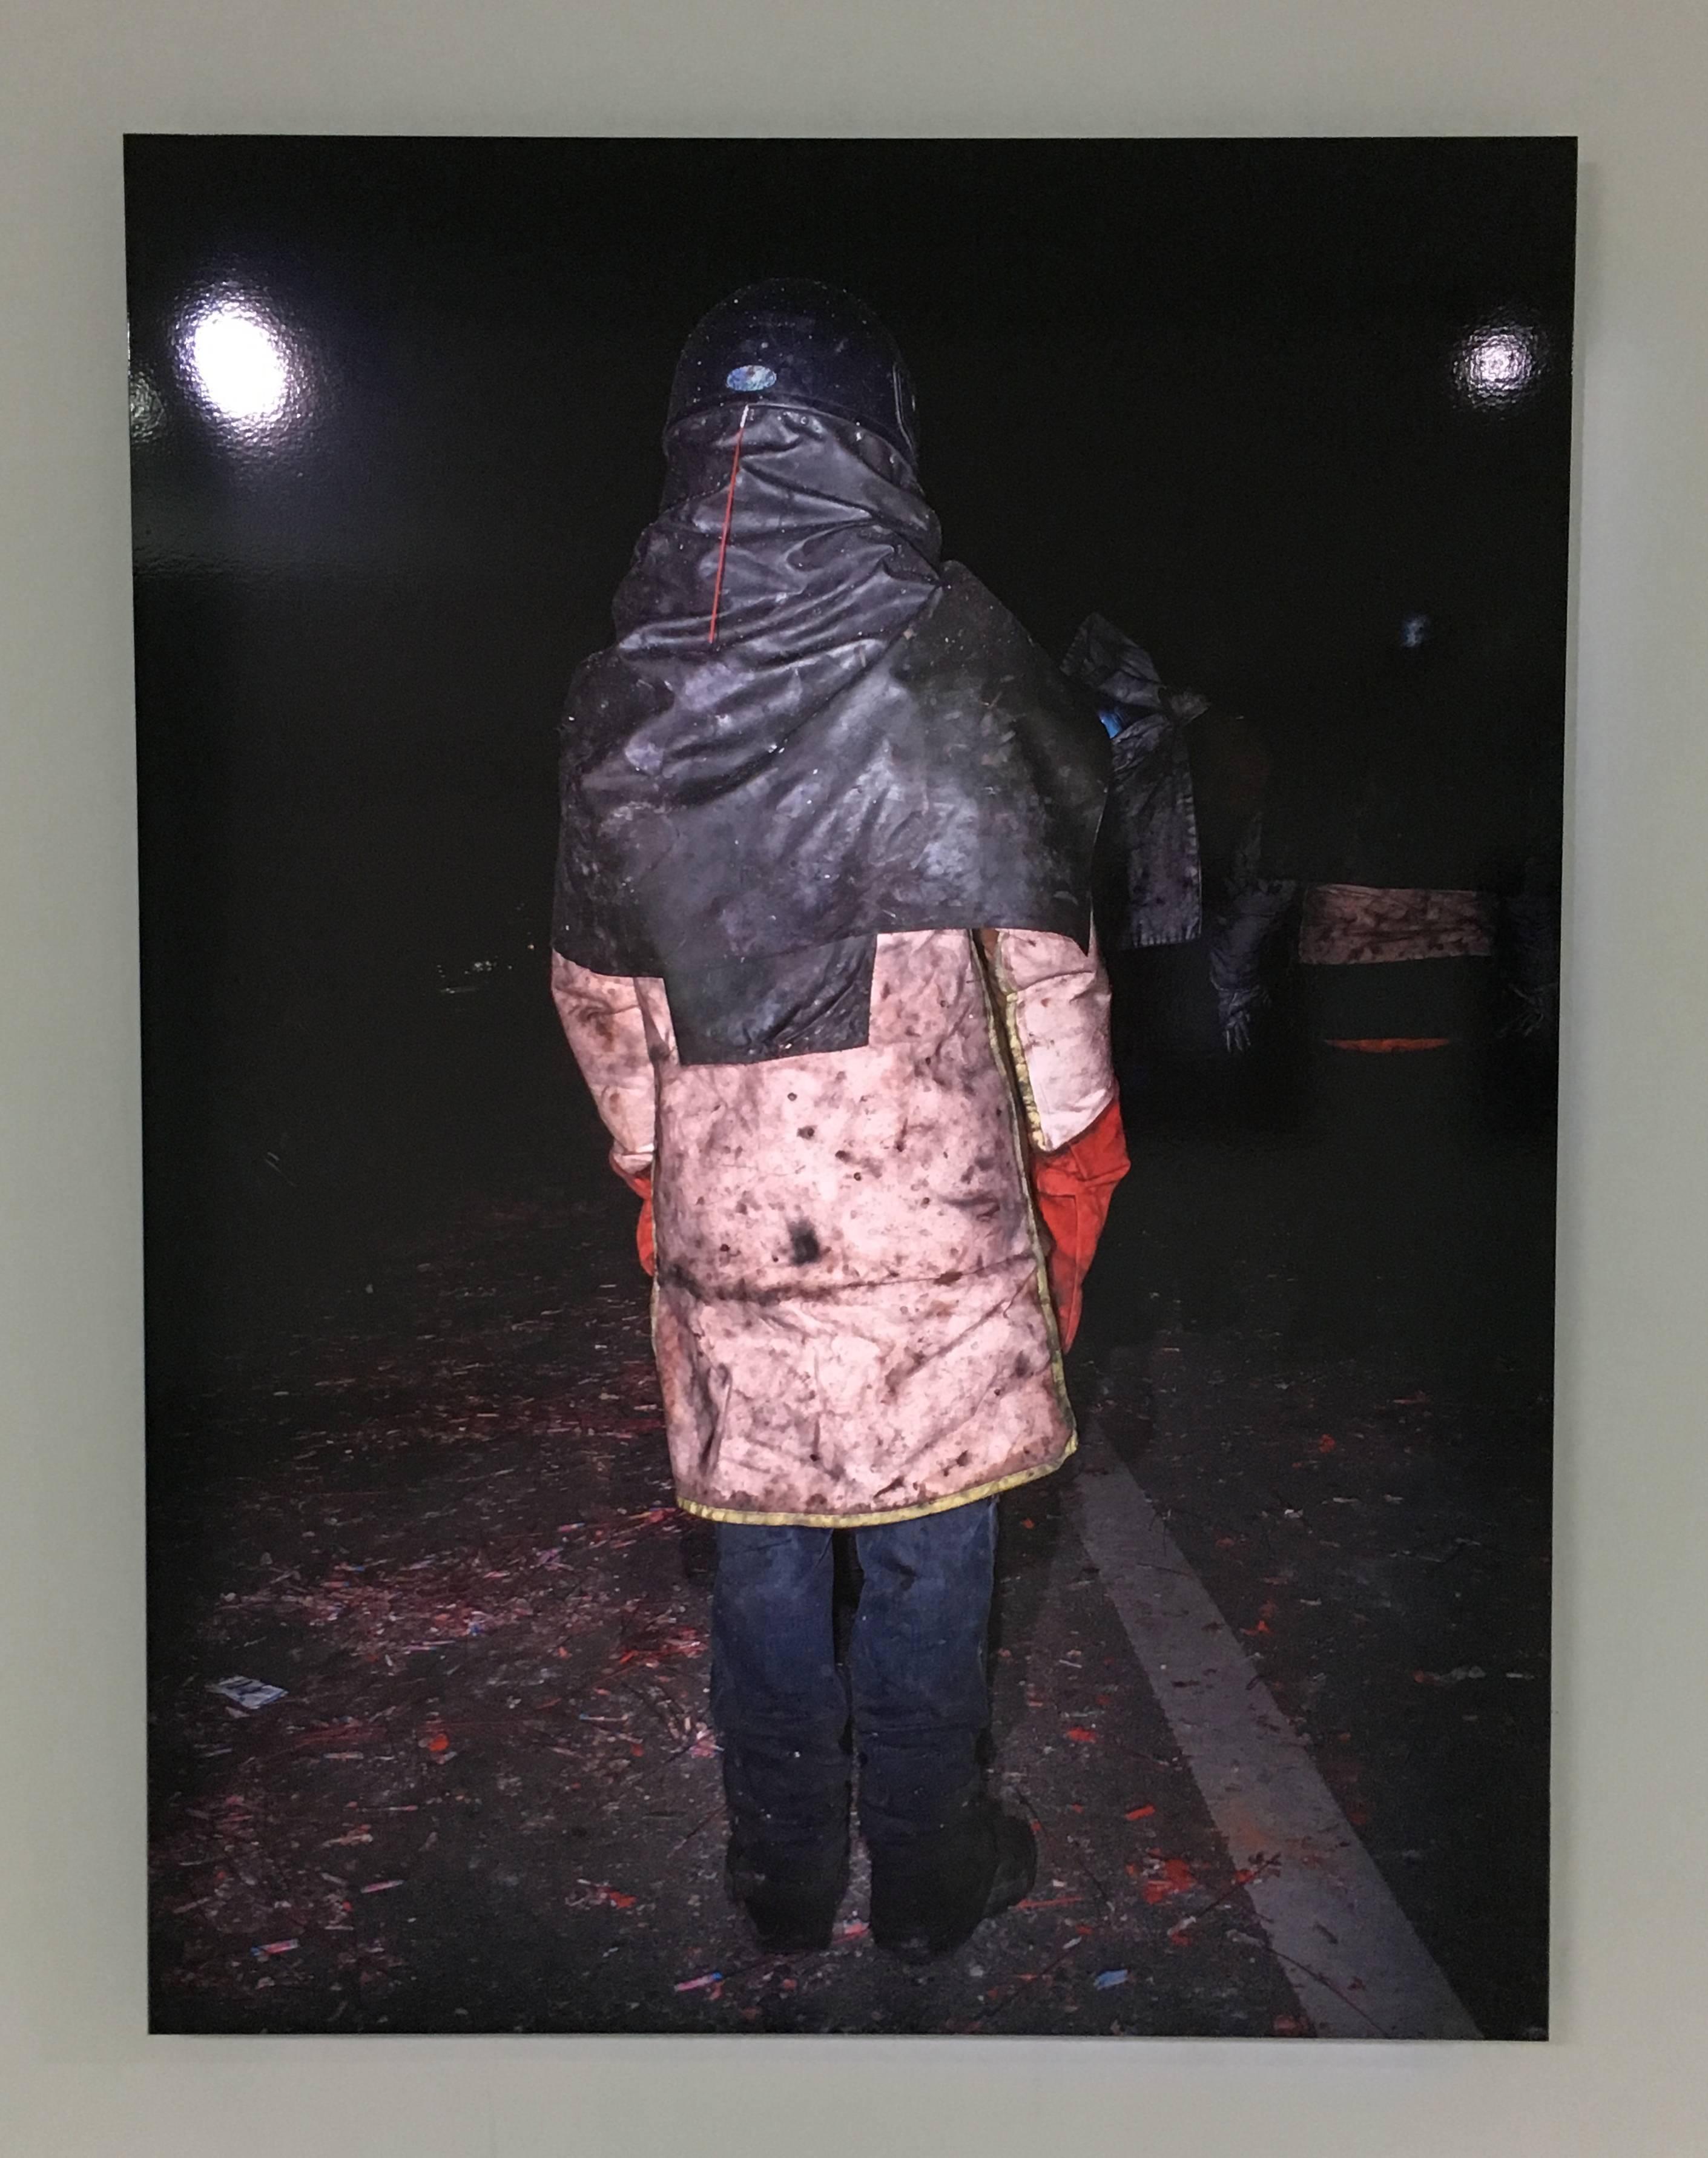 陳伯義,《食砲人 - XIII》,75 x 100 cm,雷射輸出彩色銀鹽相紙,1/8,2018。